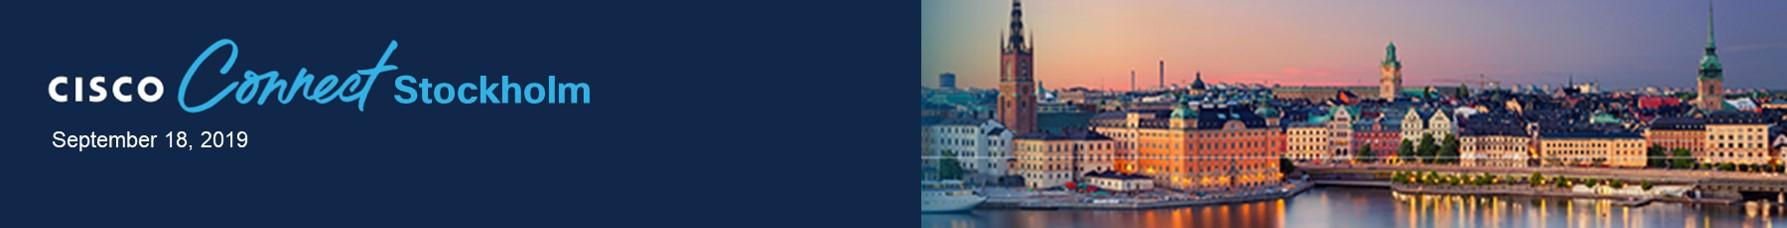 Cisco Connect Stockholm 2019